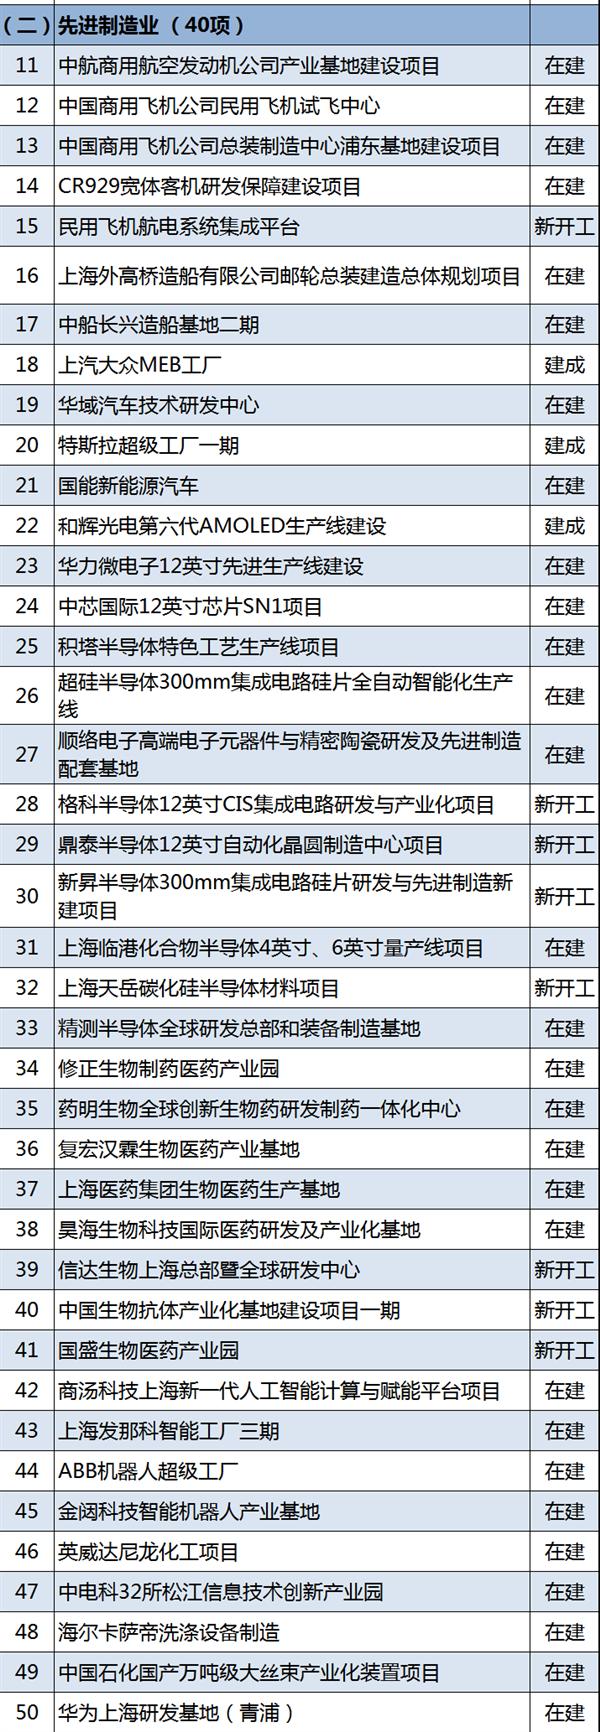 中芯国际上海建12英寸晶圆厂:内地第一次FinFET、直奔7nm